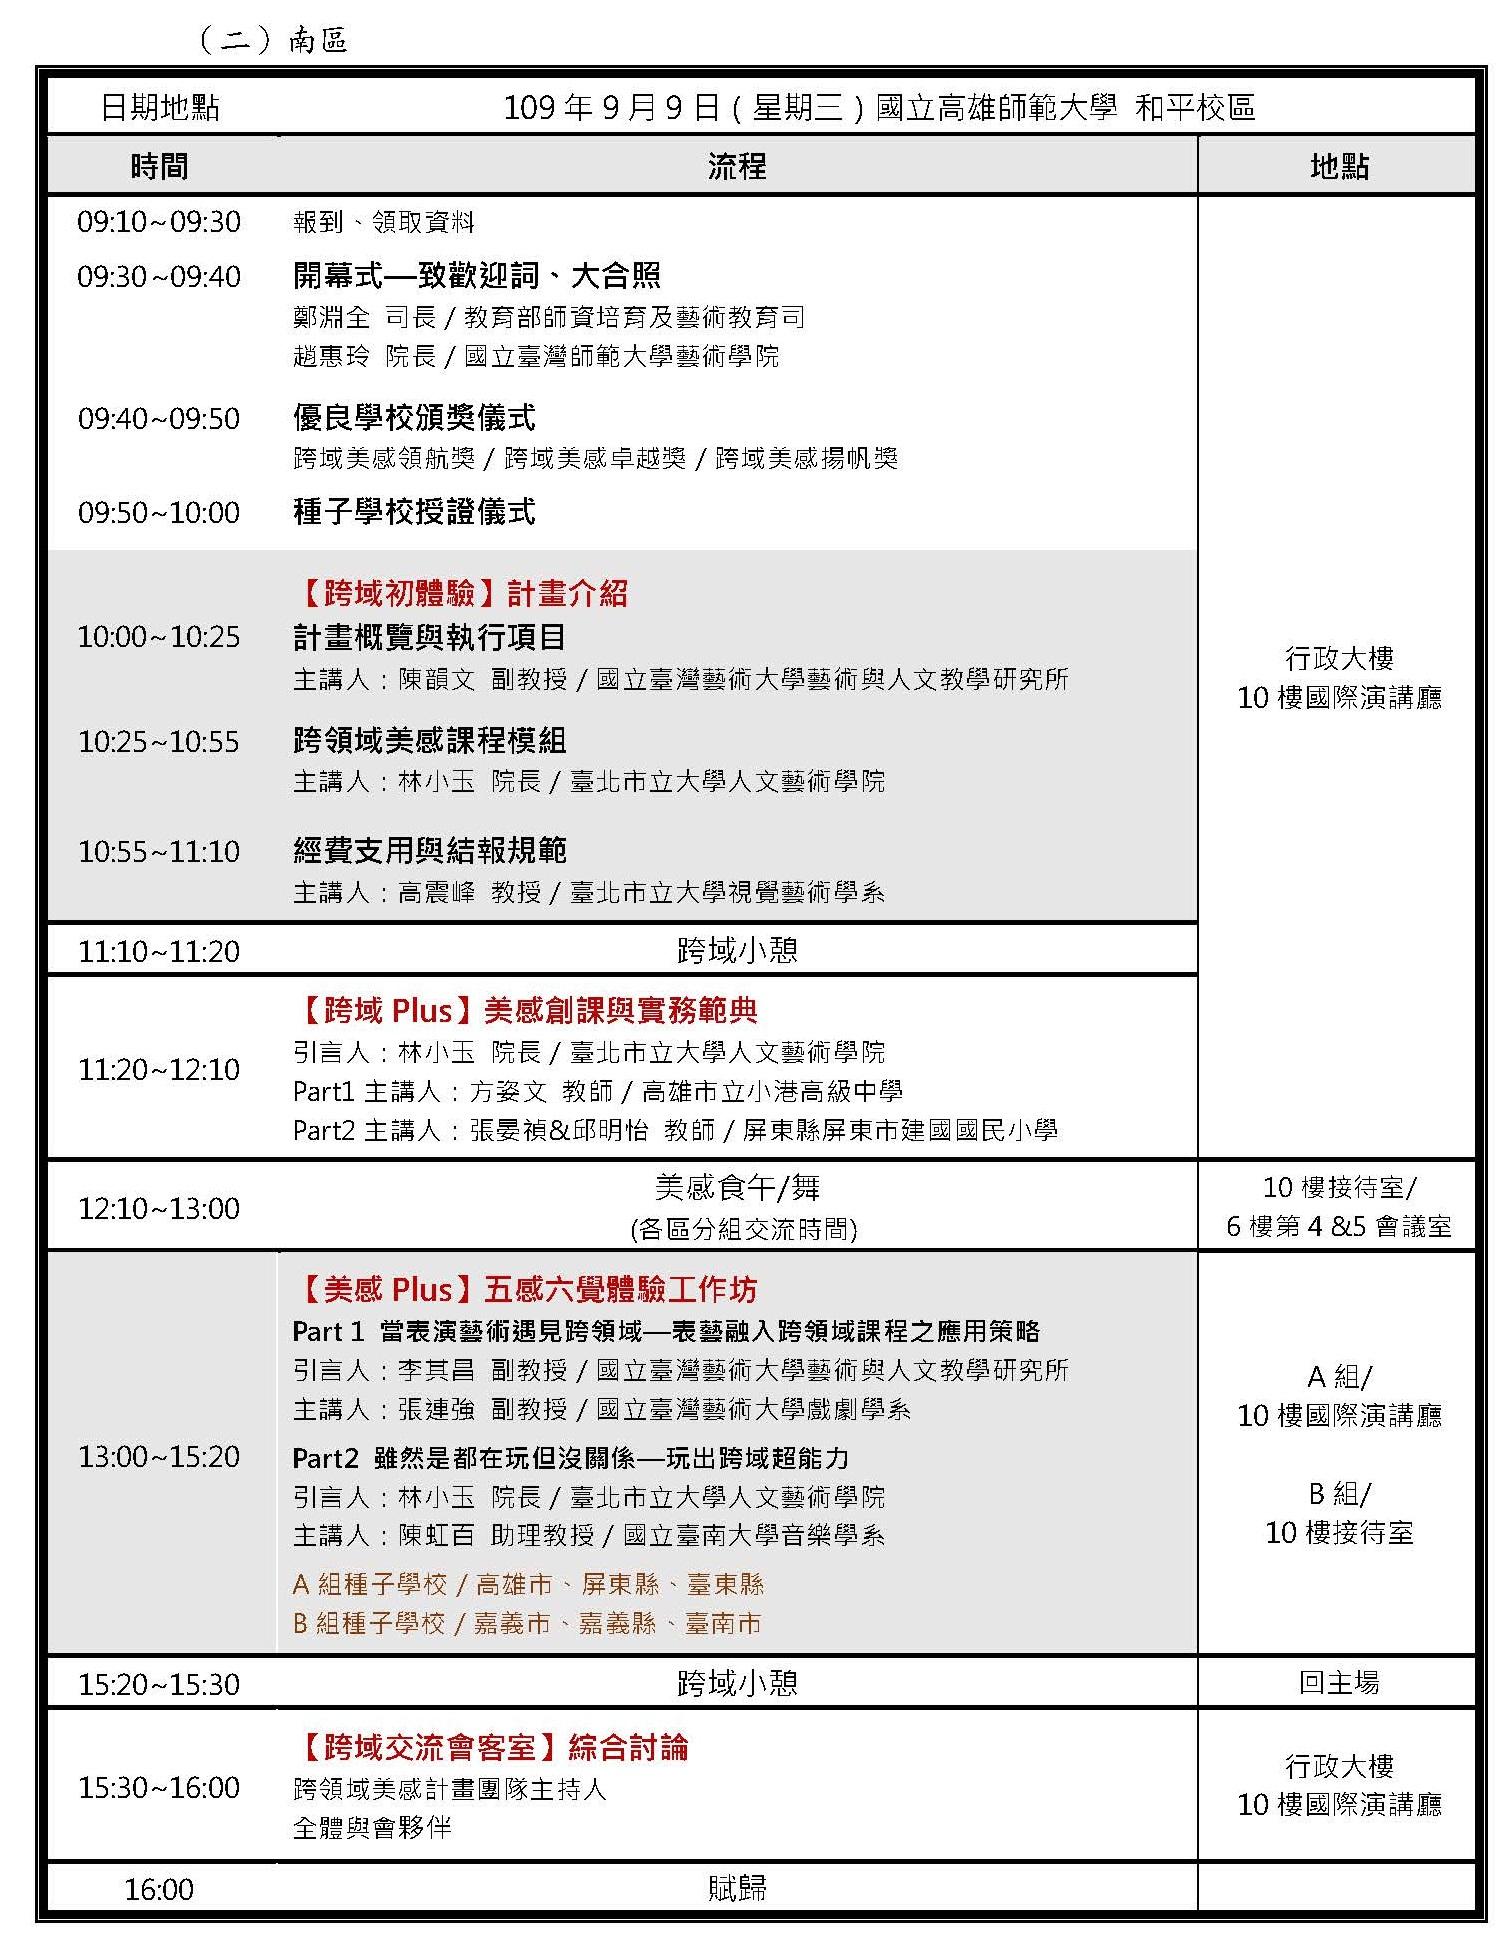 誓師大會暨增能研習實施計畫核定 頁面 05